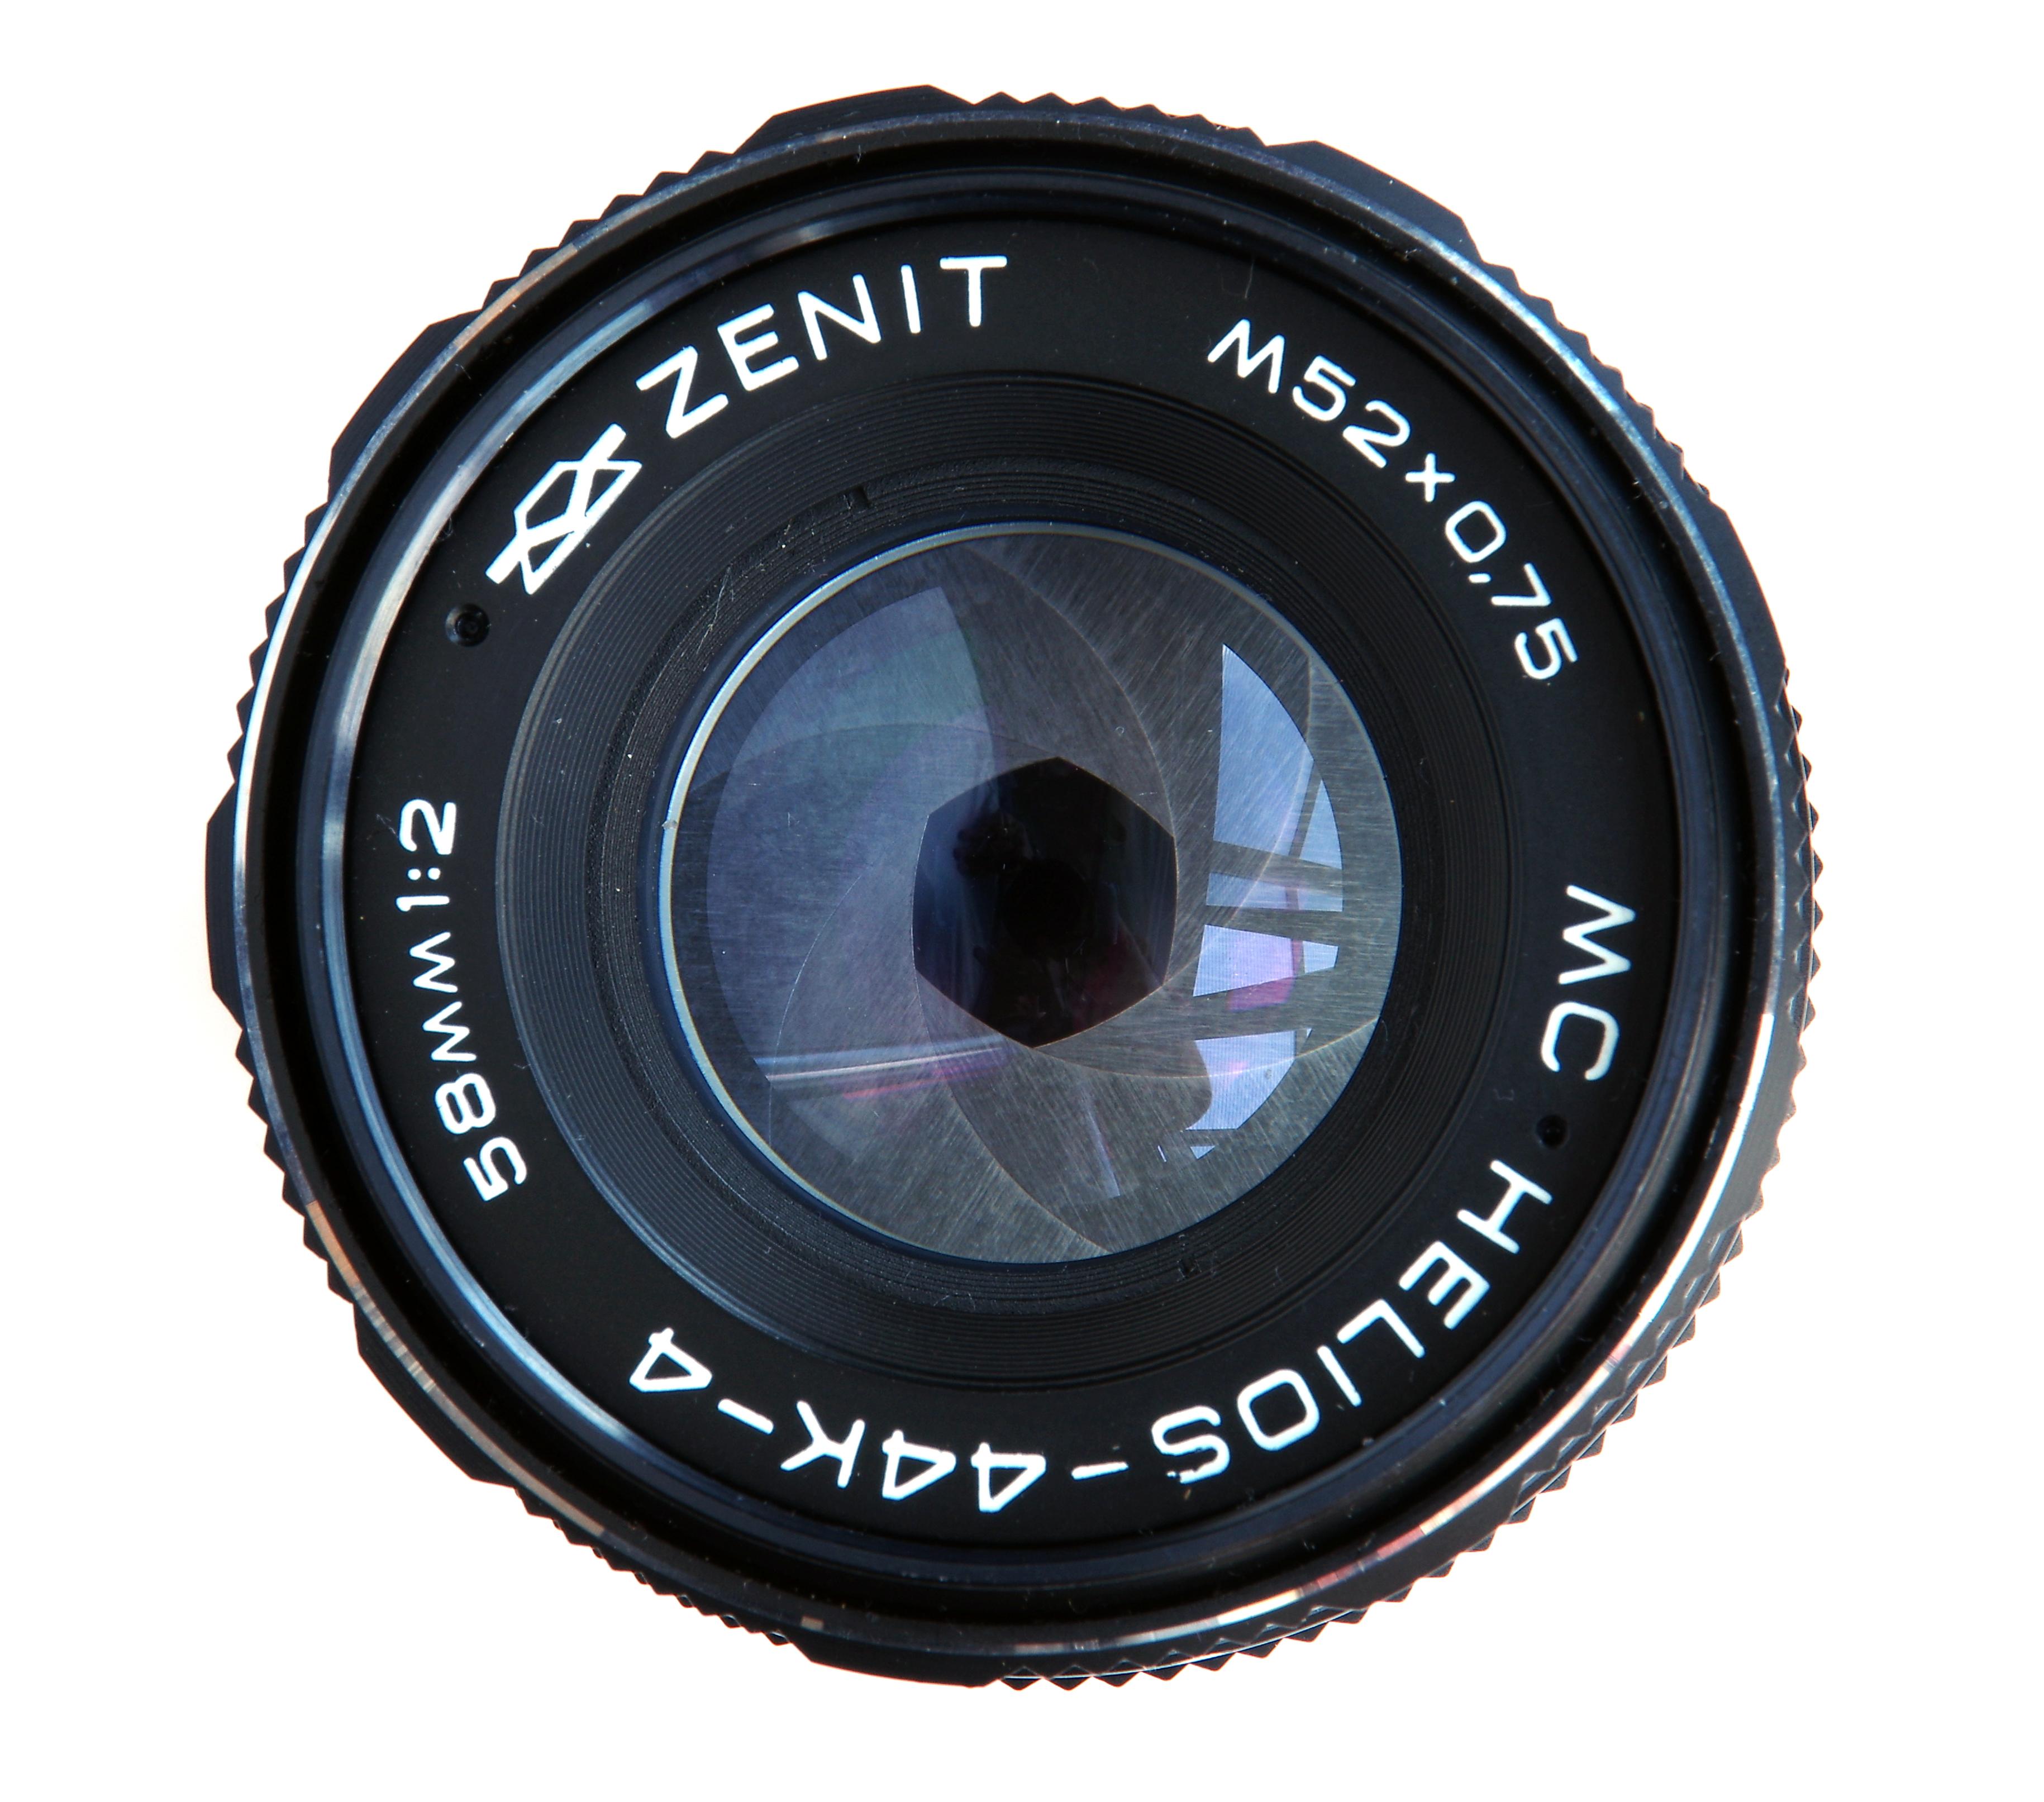 Zenit MC Helios 44K-4 58mm f/2 0 Vintage Lens Review